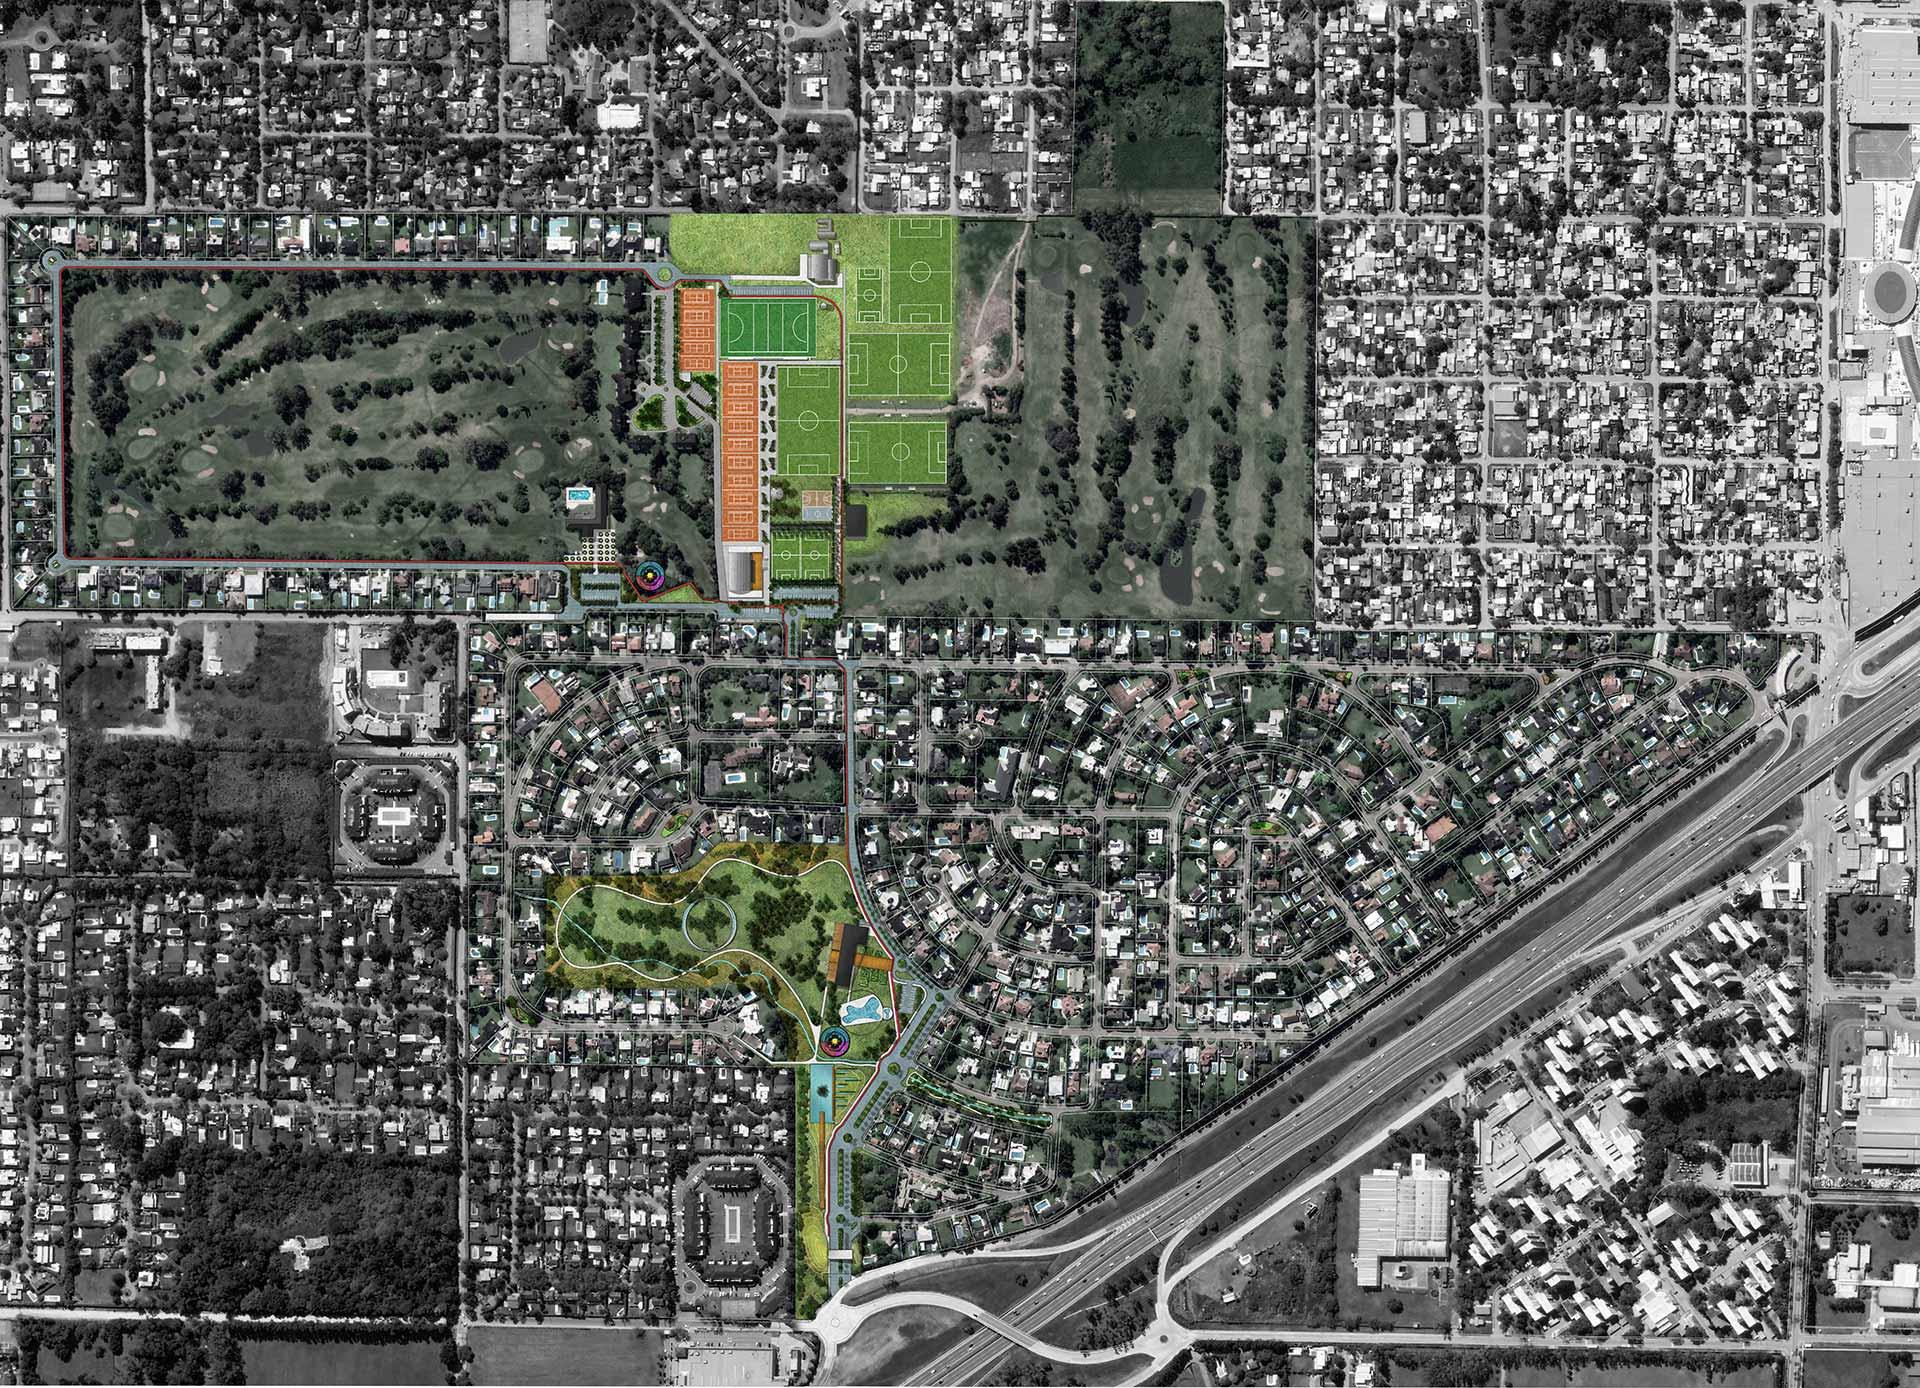 Arquitectura y paisajismo: Planta general de las intervenciones del Master plan para Miraflores Country Club